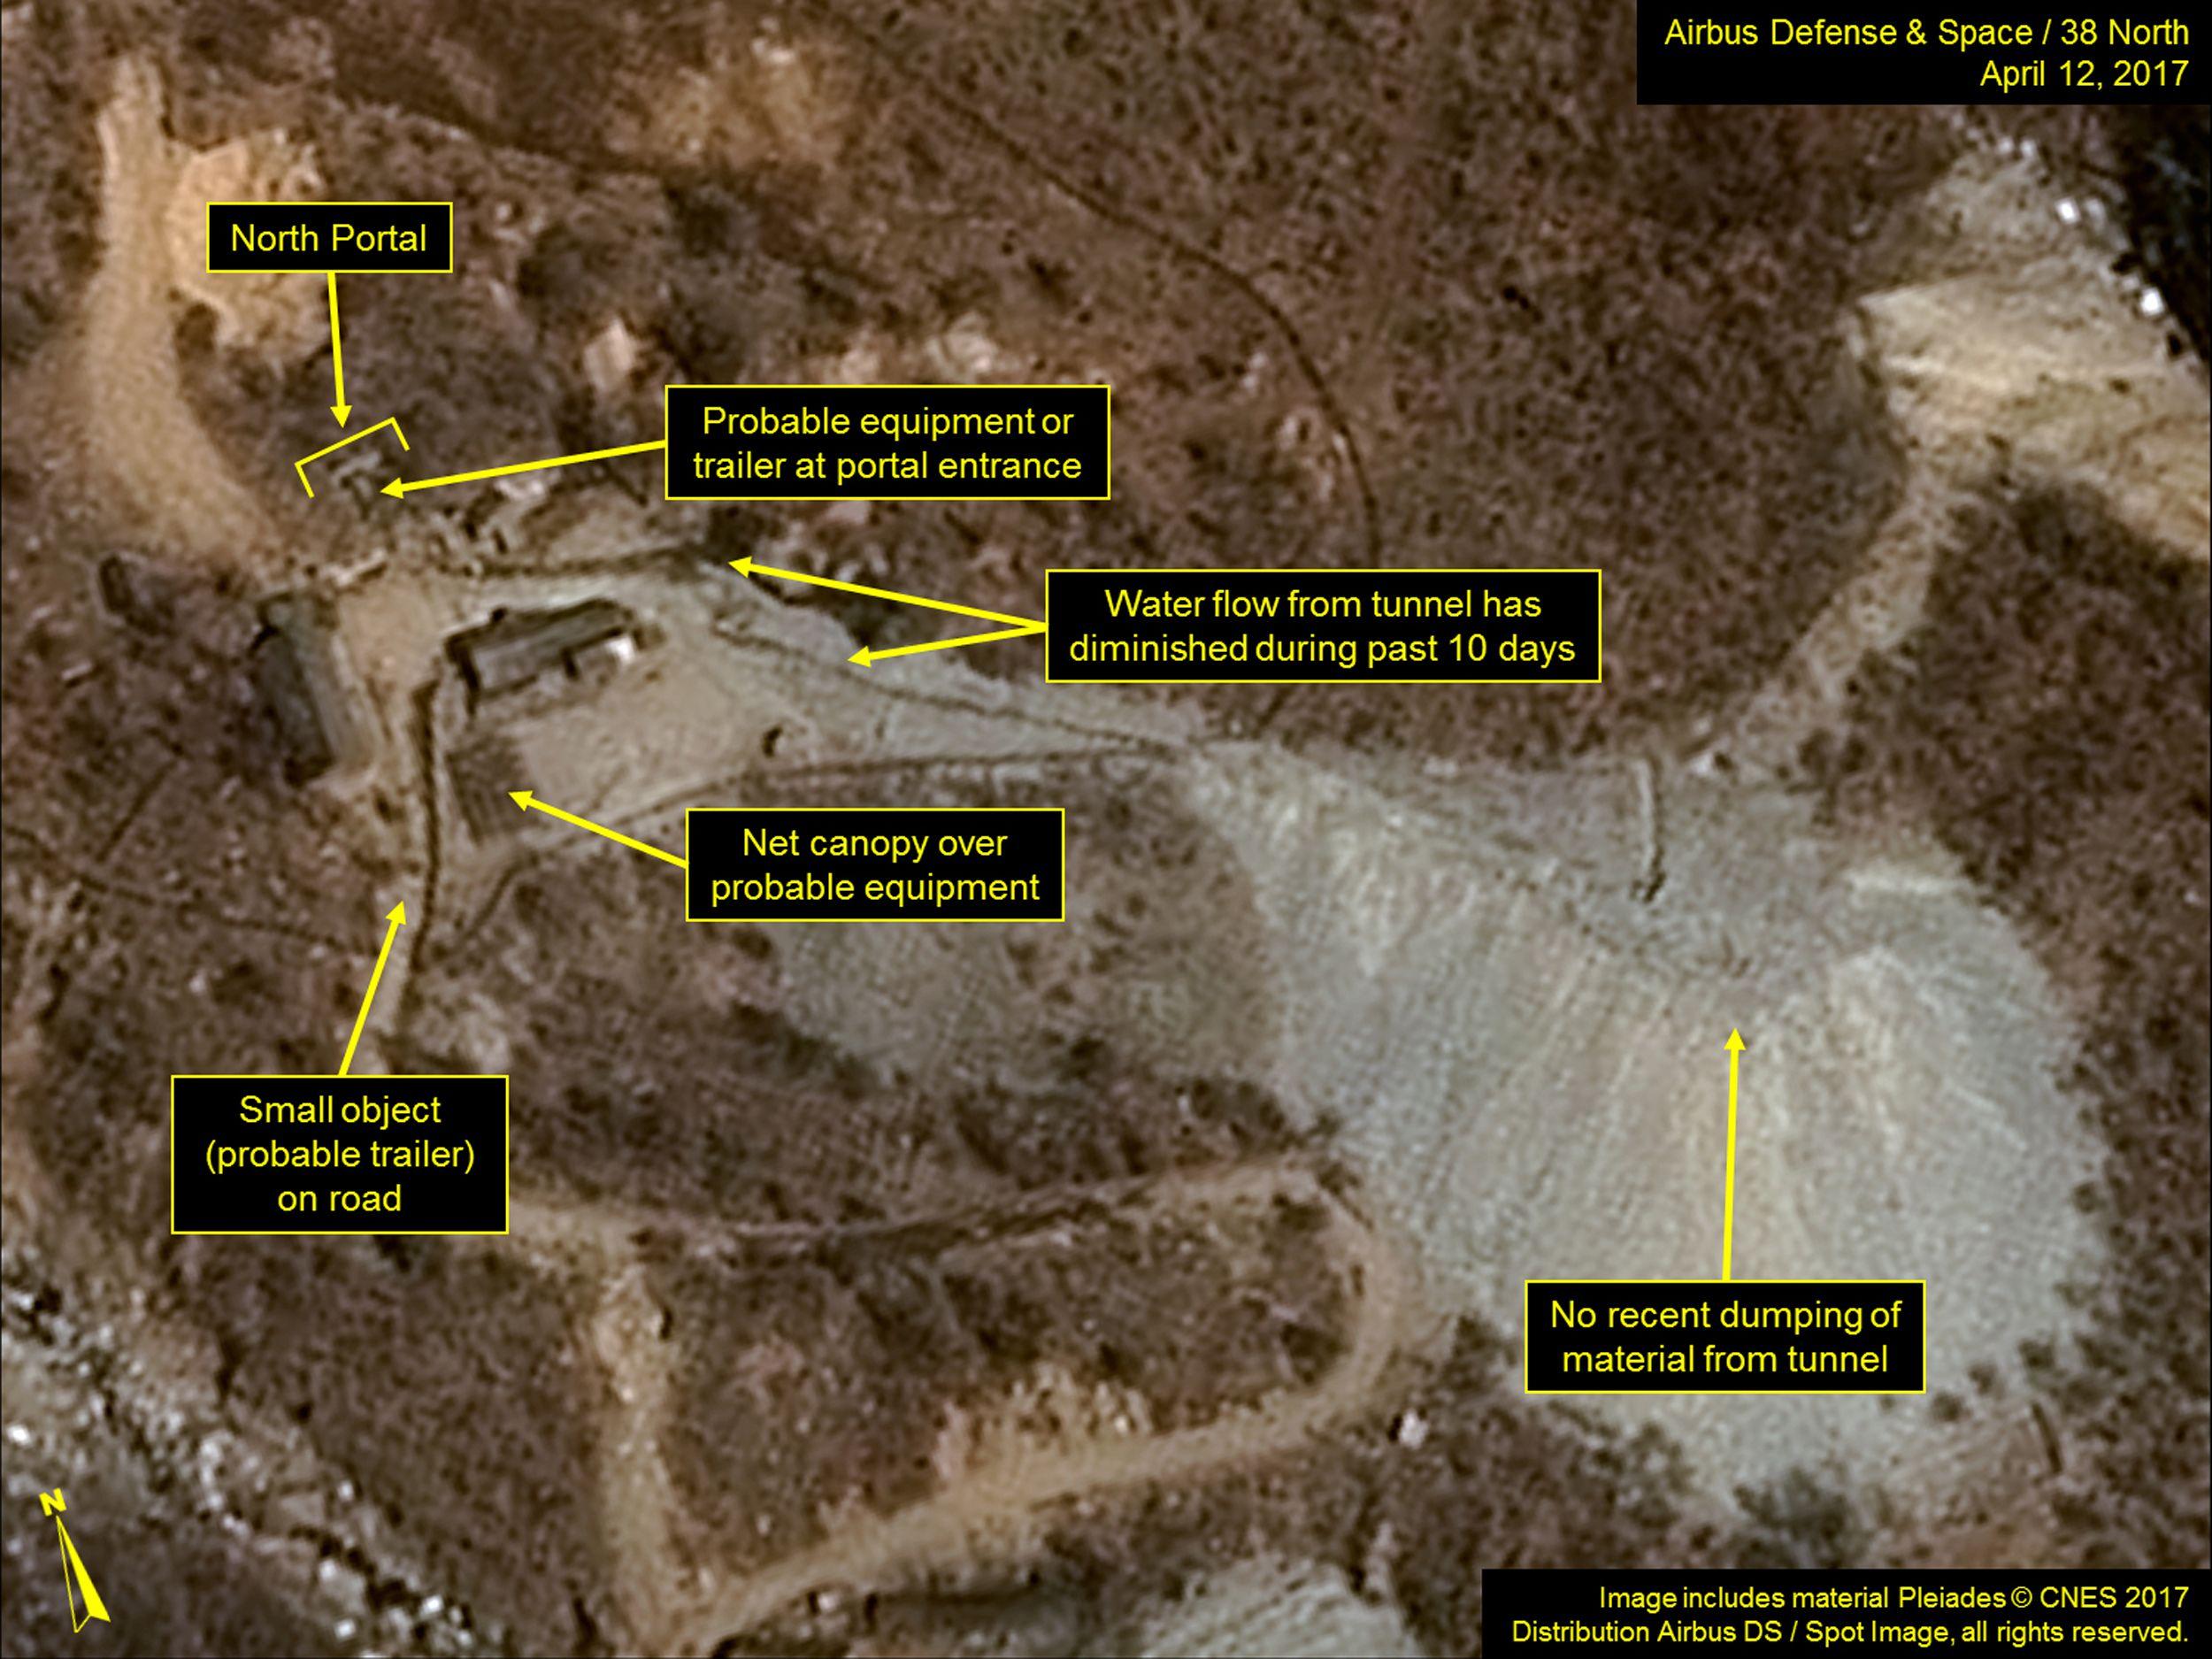 一次看懂 北韓6次核試爆威力逐增 - 世界新聞網